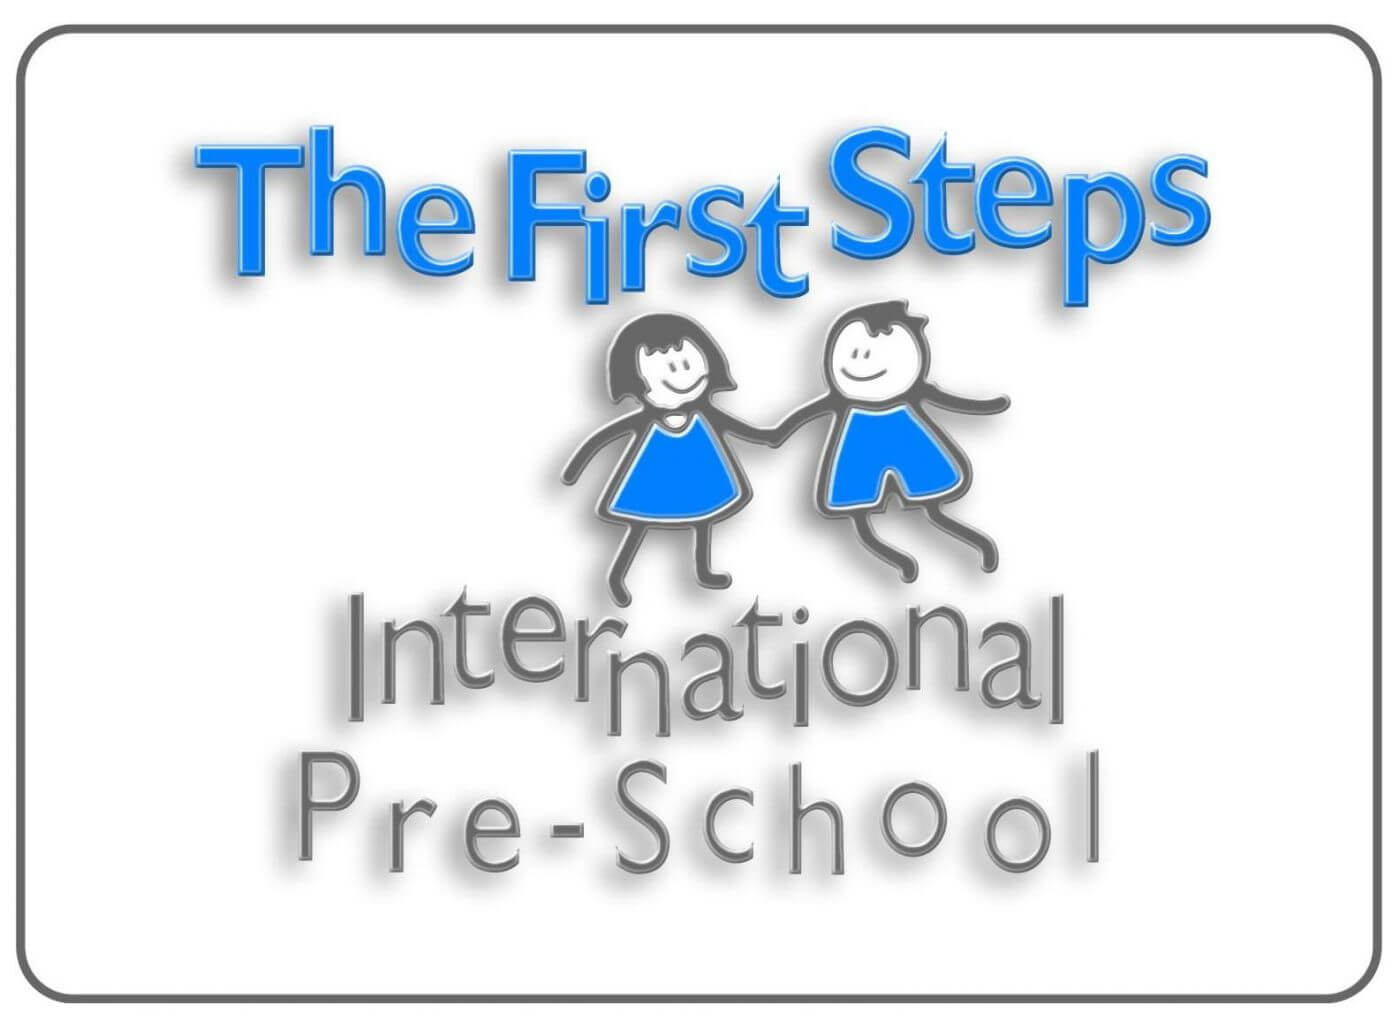 The First Steps International Preschool